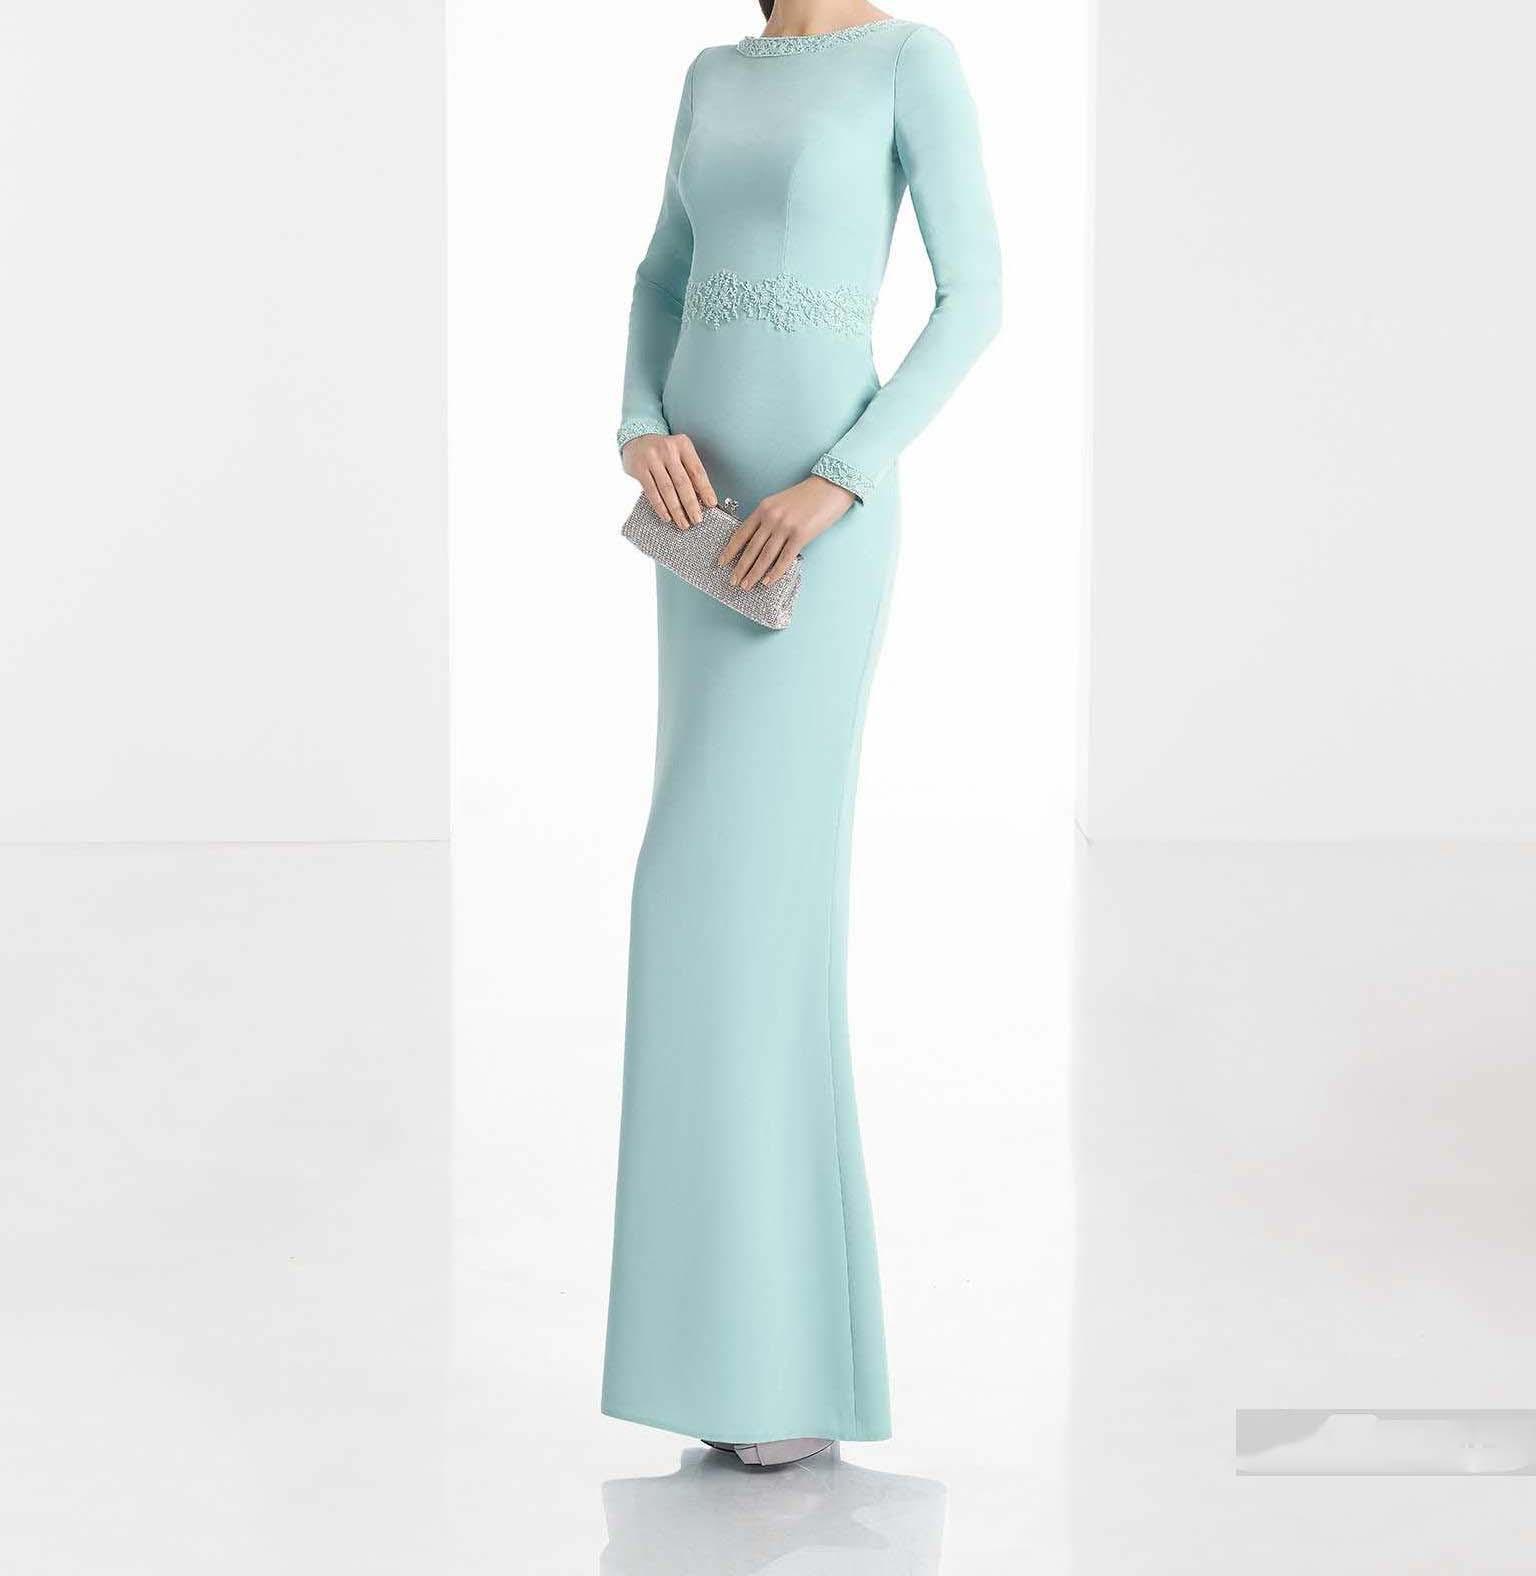 مدل های لباس مجلسی آستین بلند و پوشیده 2020